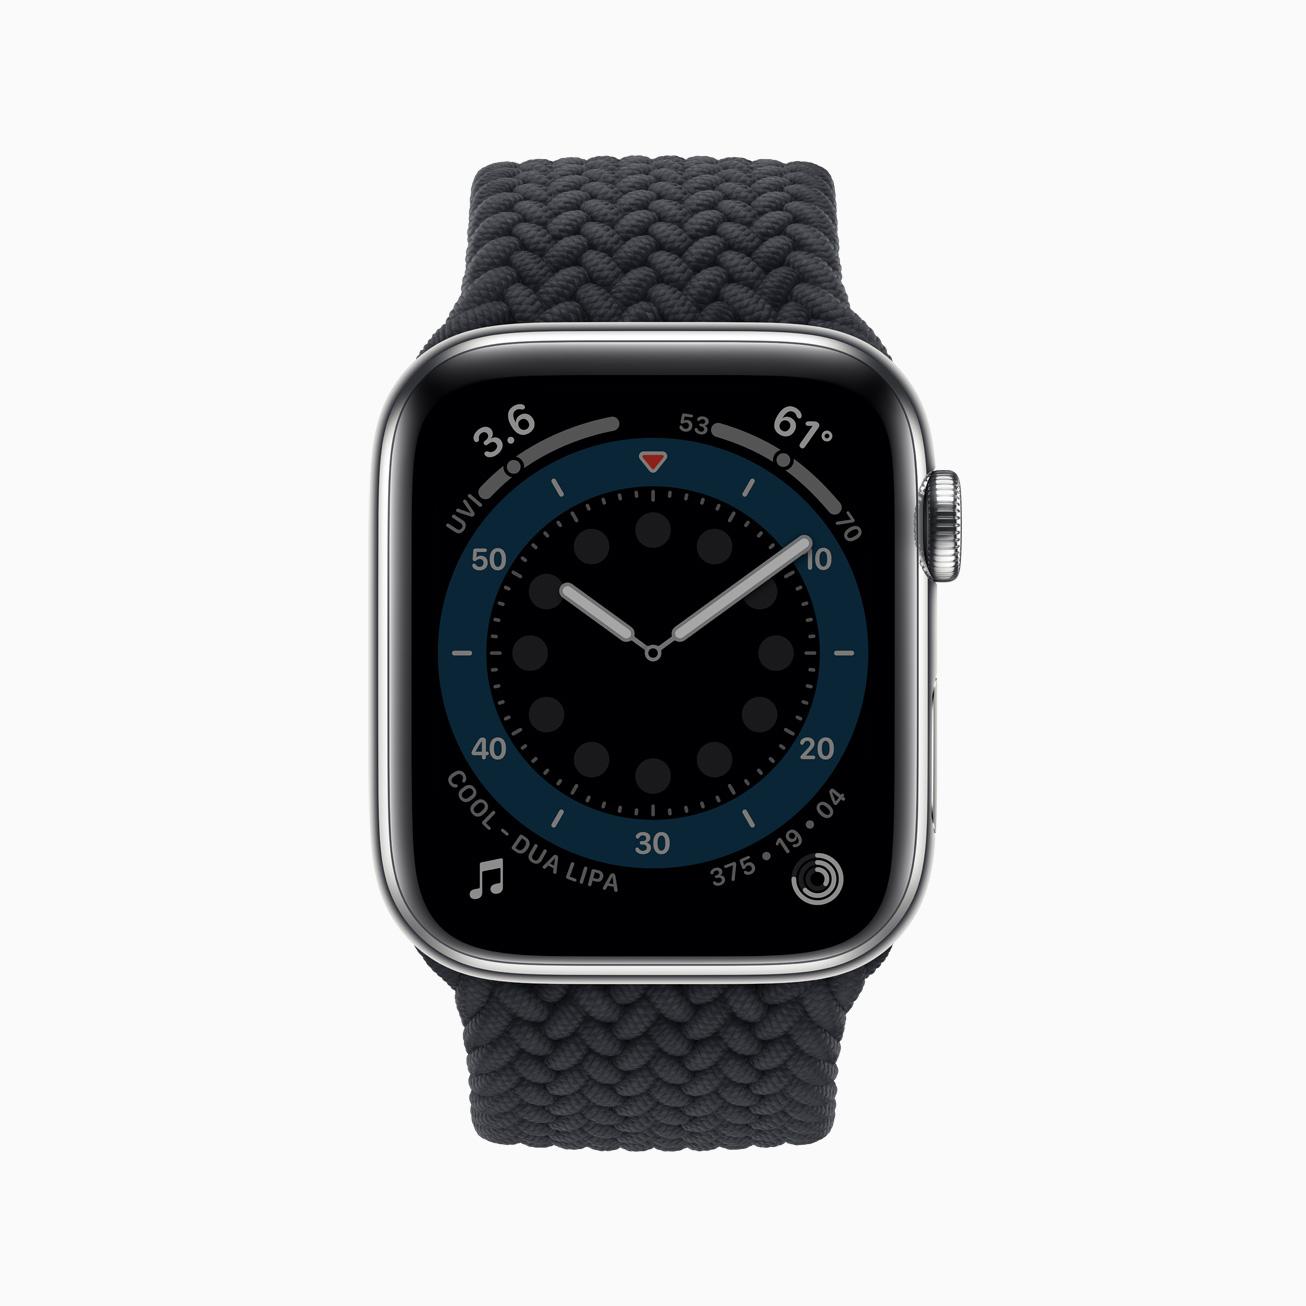 Apple watch series 6 always on display 09152020